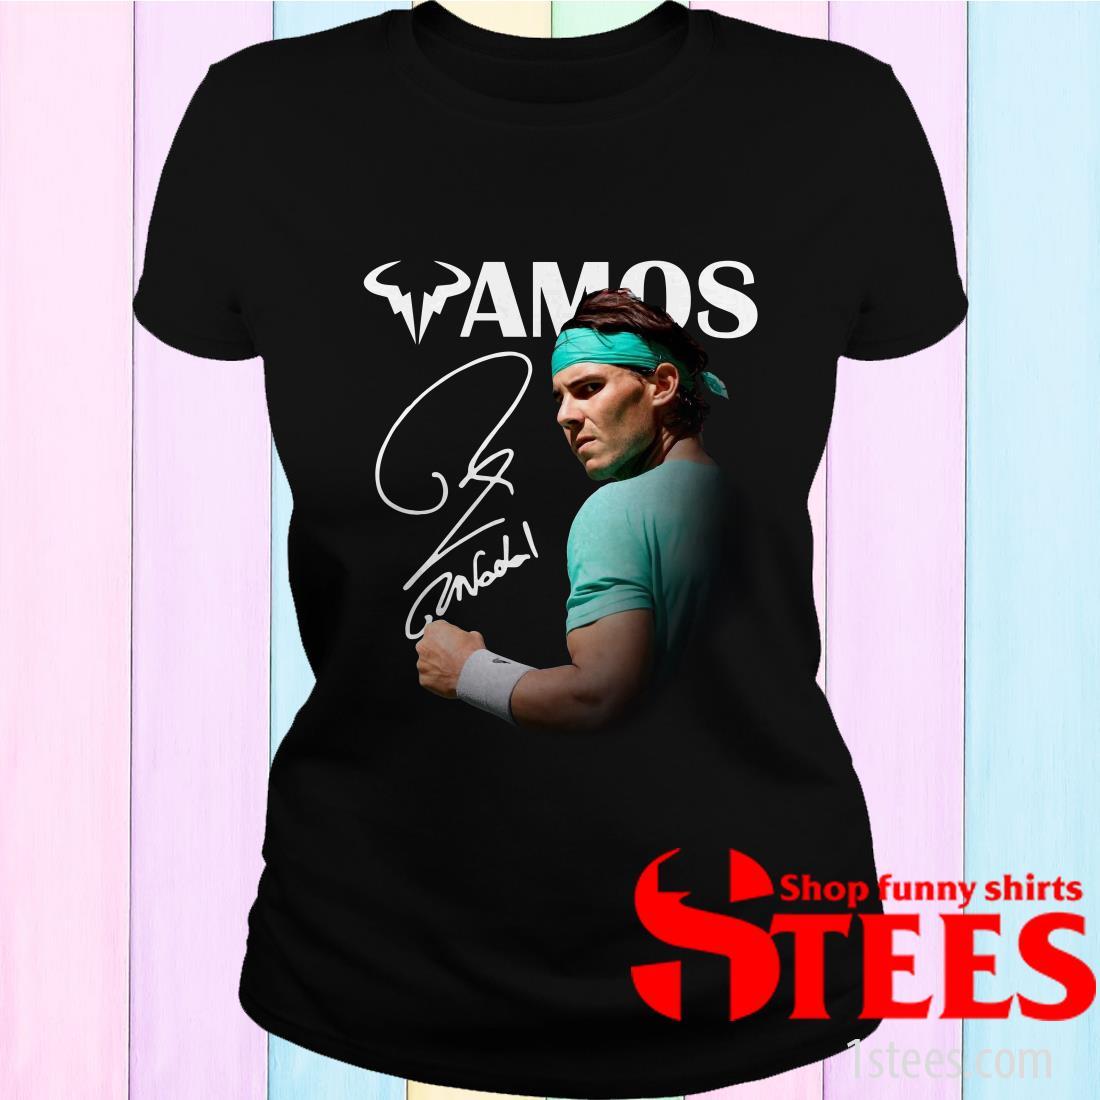 Vamos Rafael Nadal Signature T-Shirt